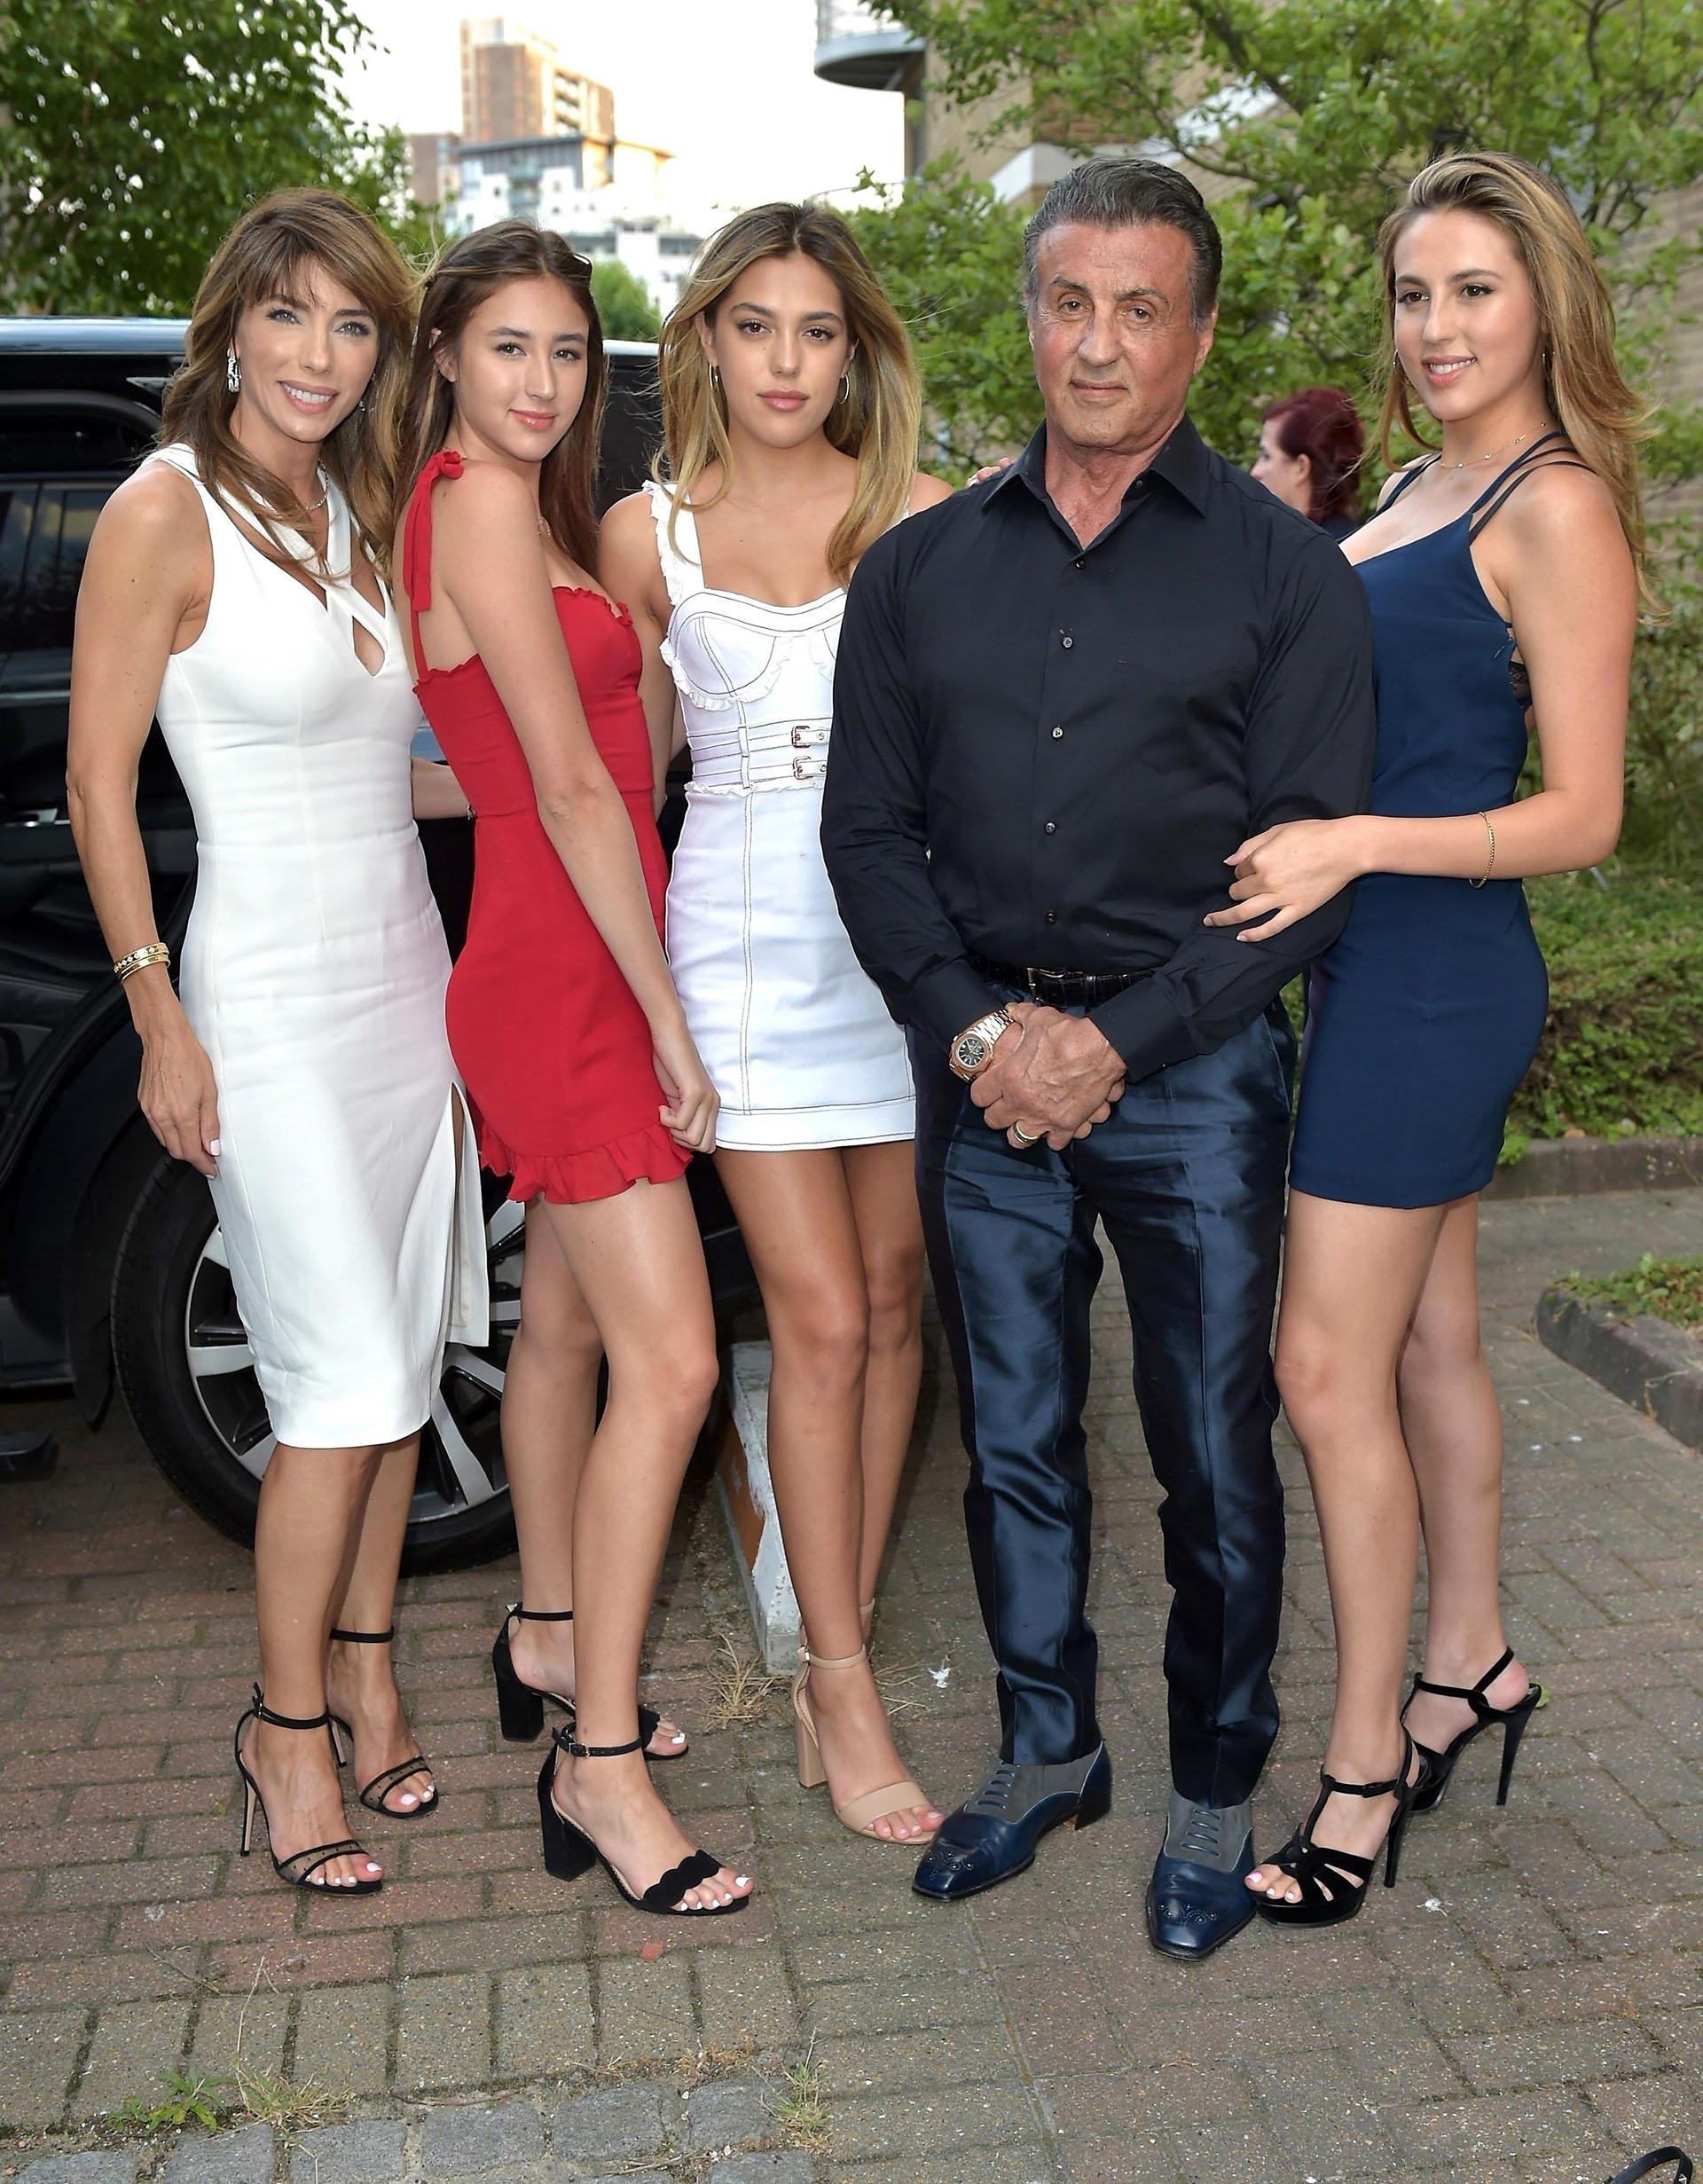 Sylvester Stallone junto a su mujer y sus tres hijas Sophia Rose, Sistine Rose y Scarlett Rose (Grosby Group)